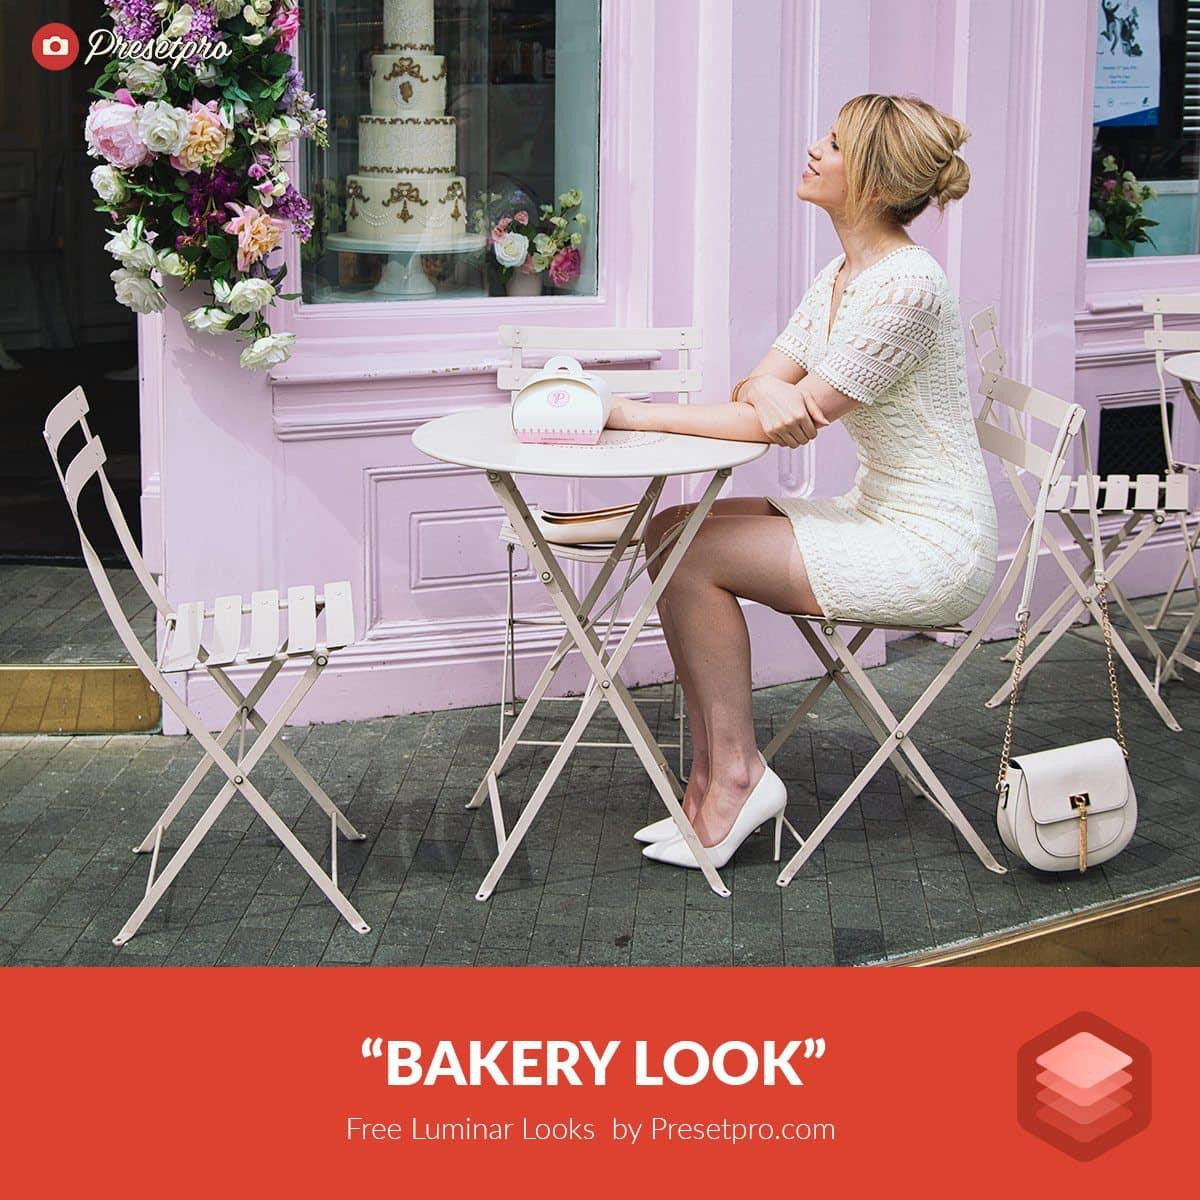 Free-Luminar-Look-Bakery-Preset-Presetpro.com